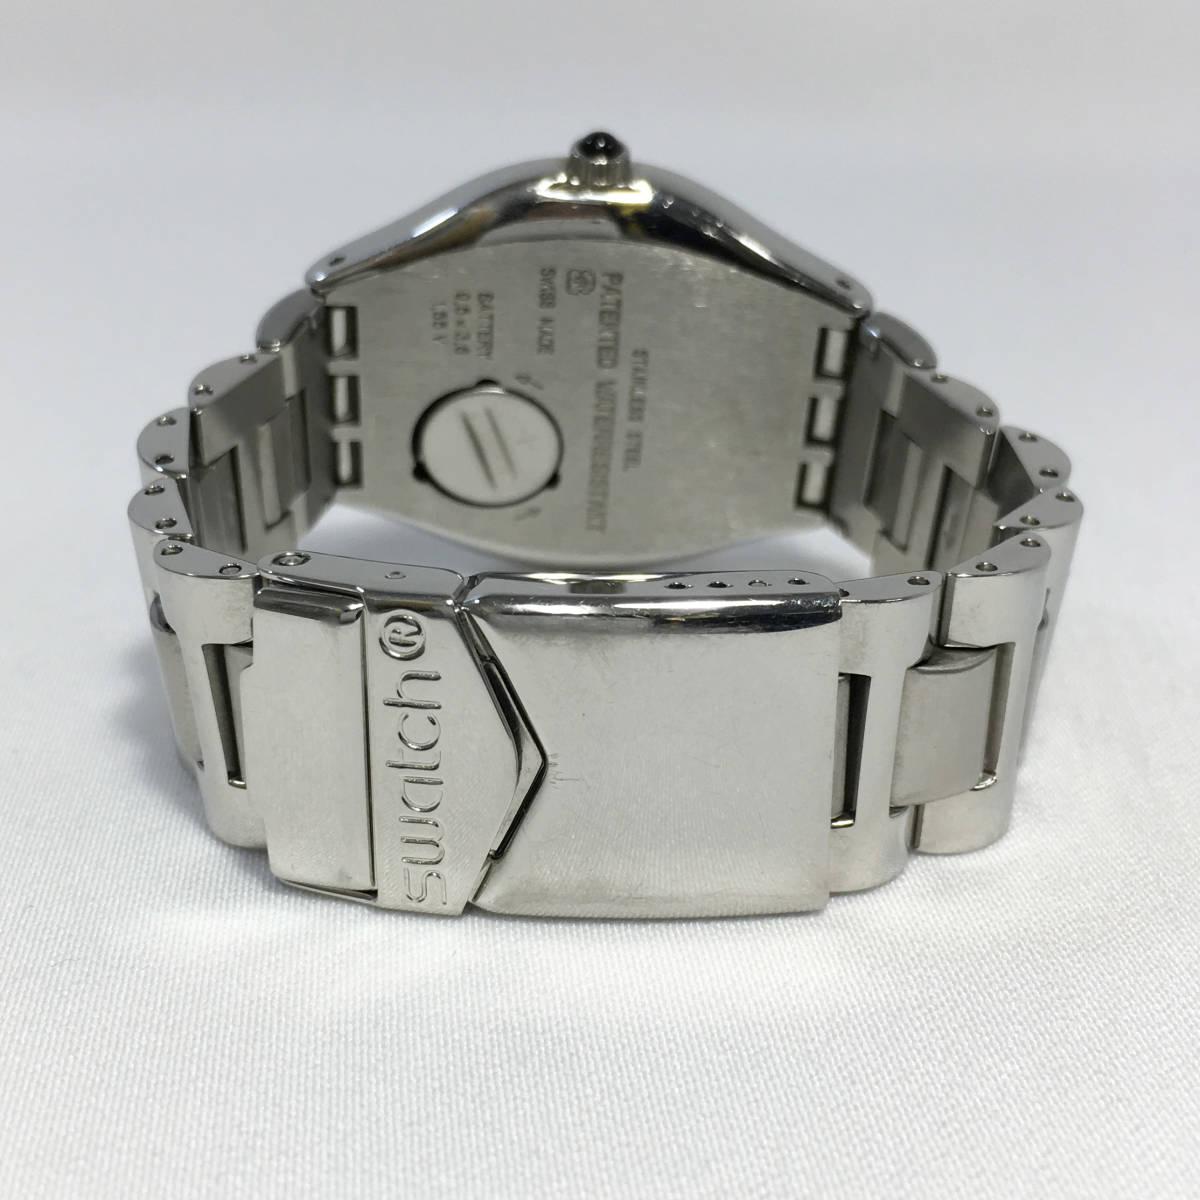 スウォッチ 腕時計 アイロニー AG1993 クォーツ デイト シルバー×ブラック Swatch Irony 電池交換済 稼働品_画像5